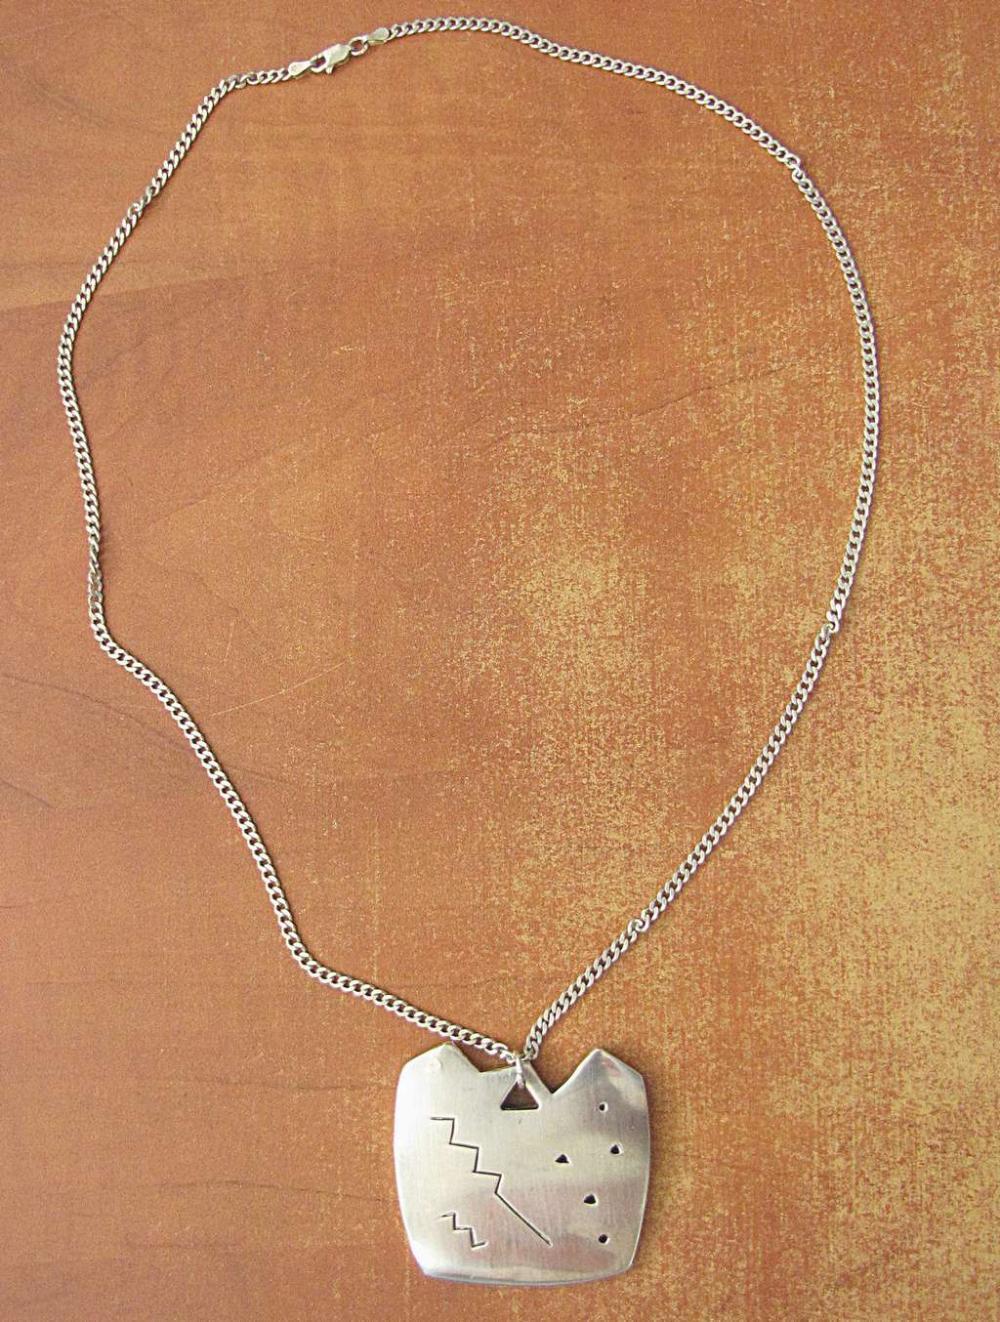 Vintage modernist silver sterling 925 necklace, signed, 31 gr.